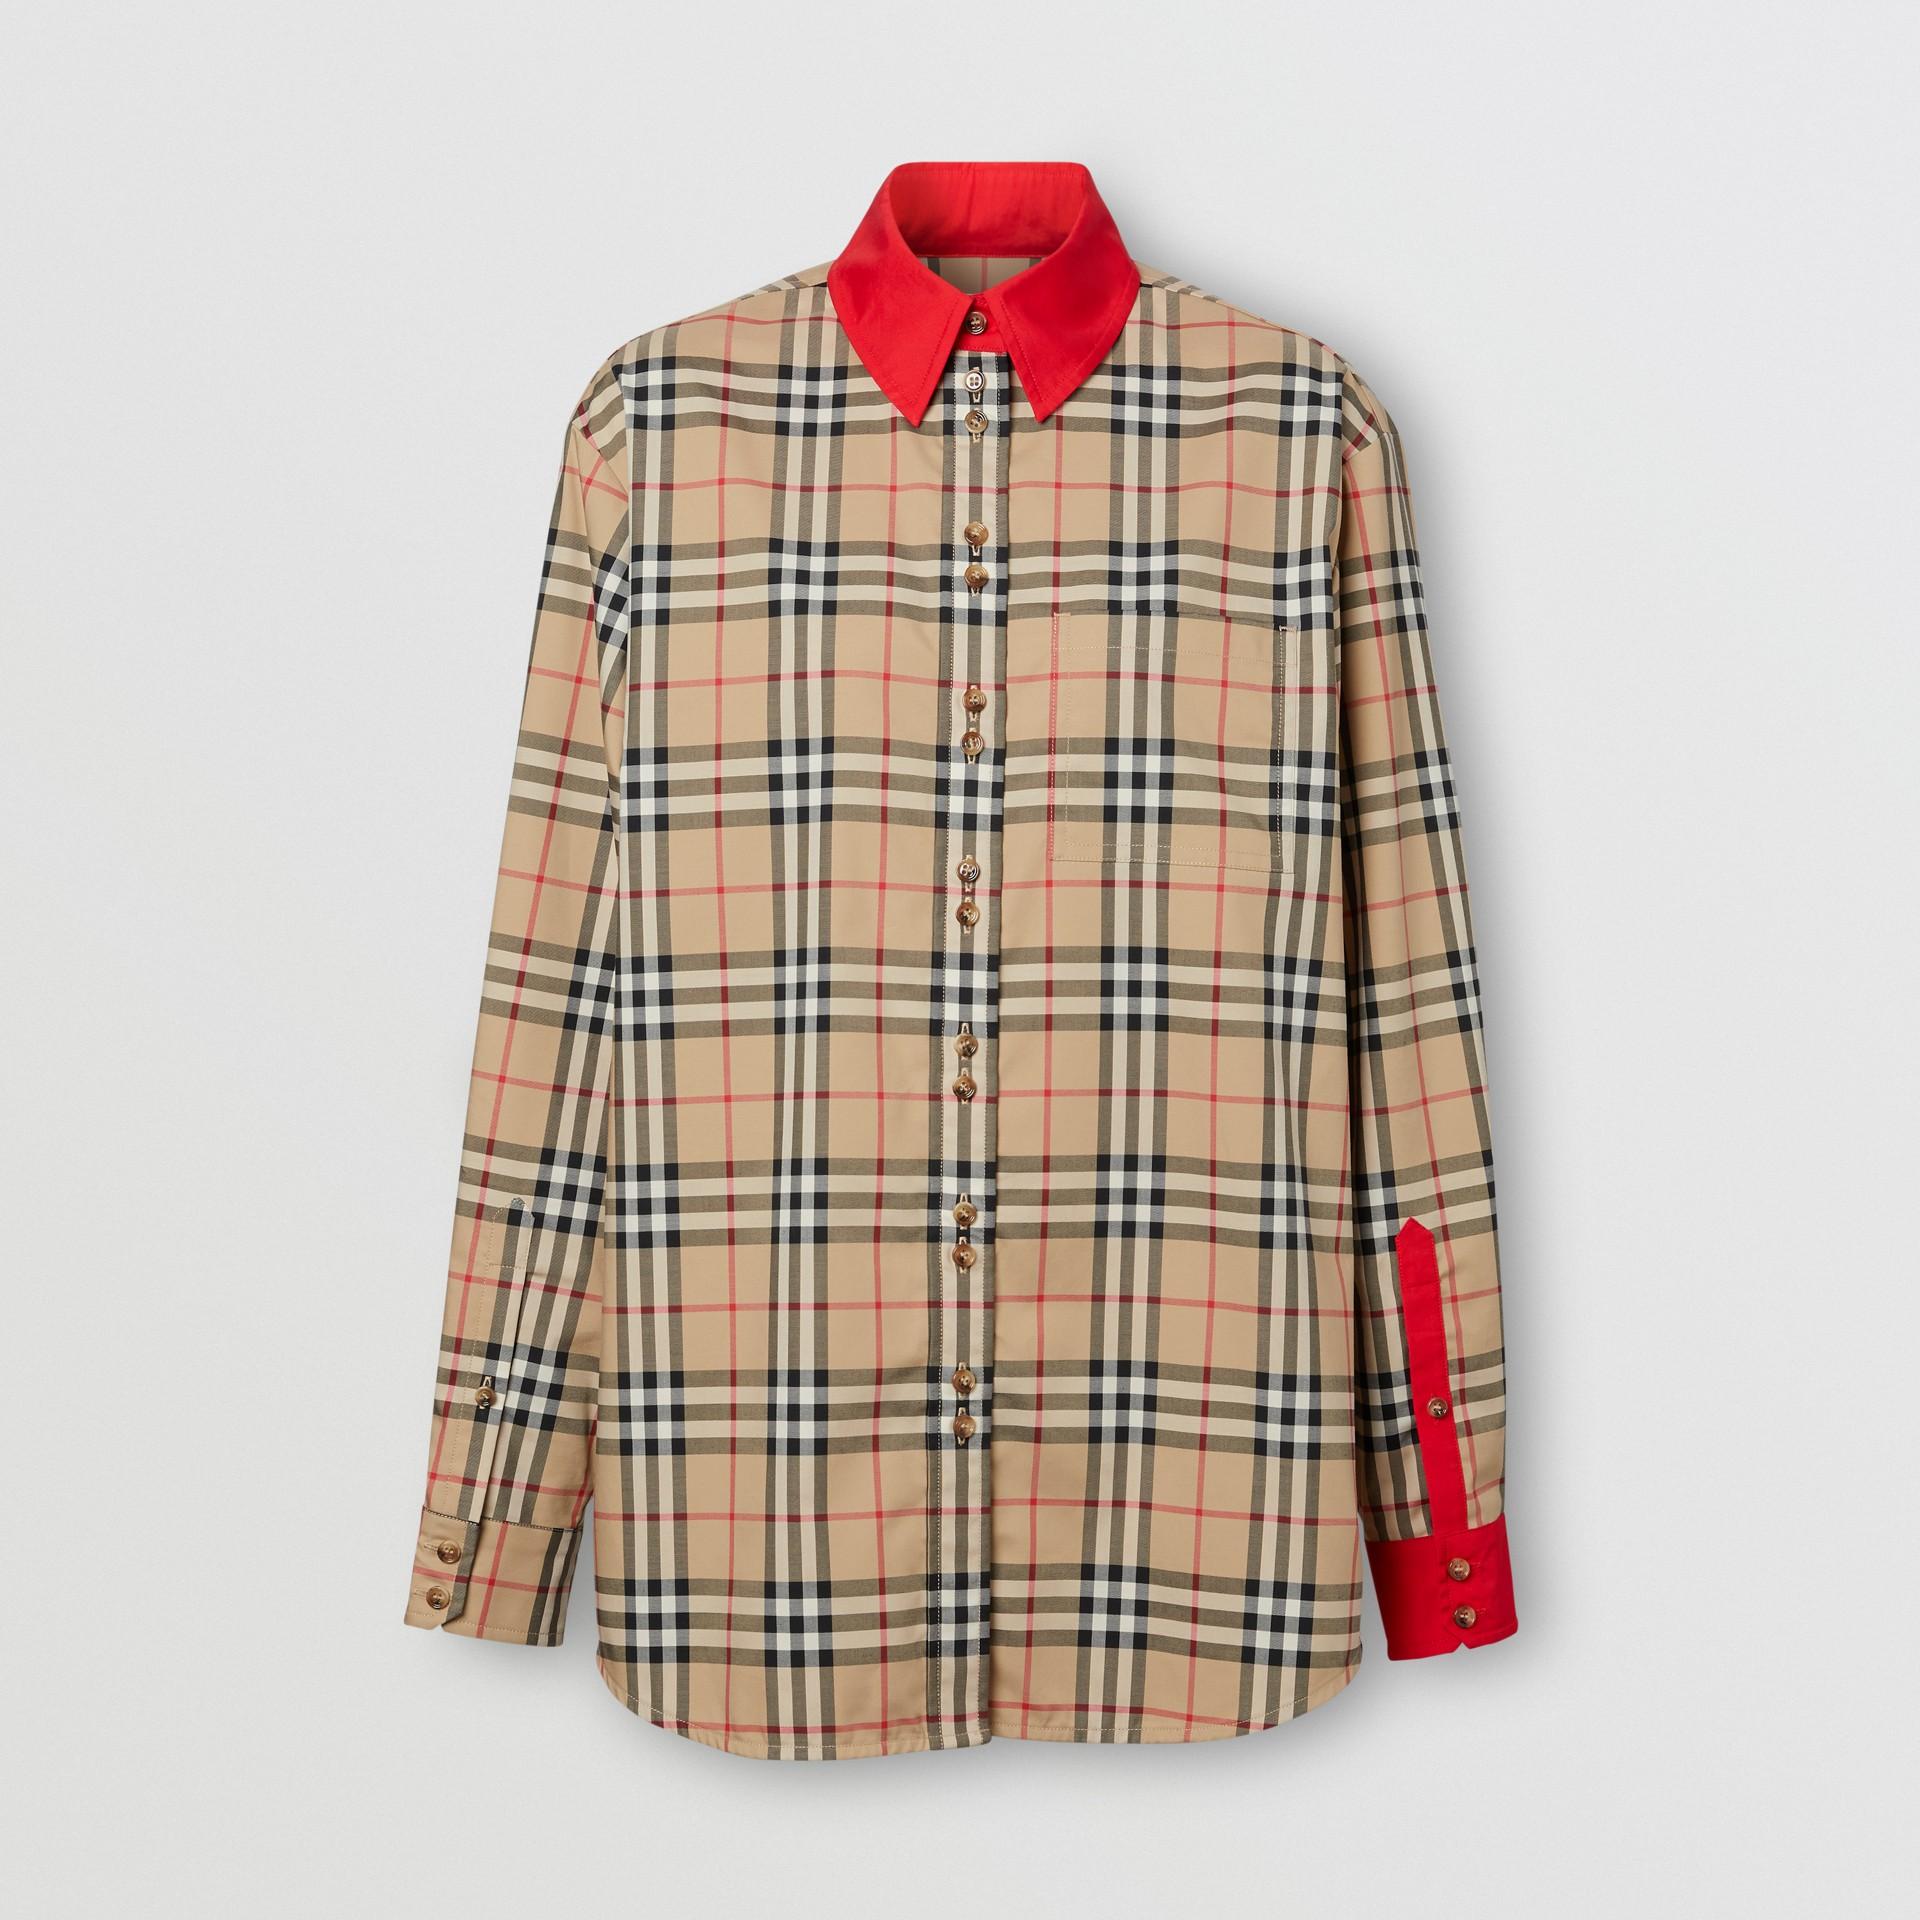 Camisa en algodón elástico a cuadros Vintage Checks con detalles a contraste (Beige) - Mujer | Burberry - imagen de la galería 3